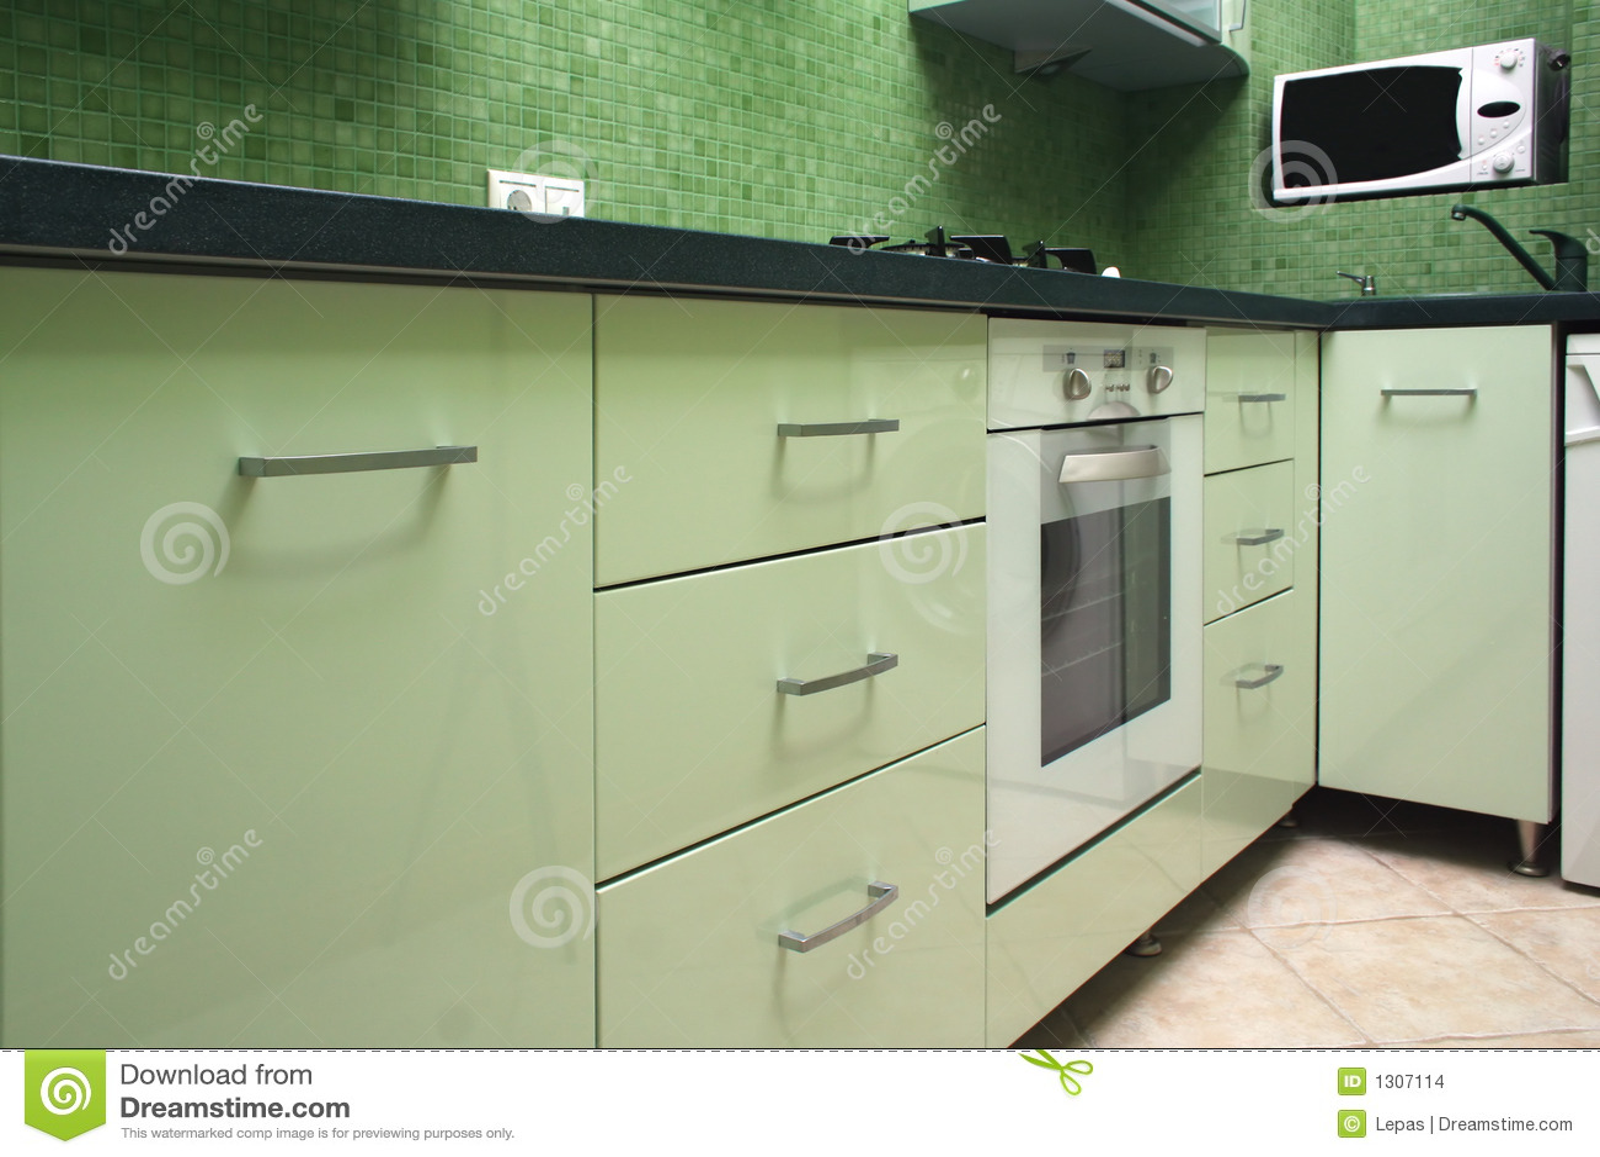 Groen Glas Keuken : Groene Keuken Stock Afbeeldingen Afbeelding 1307114